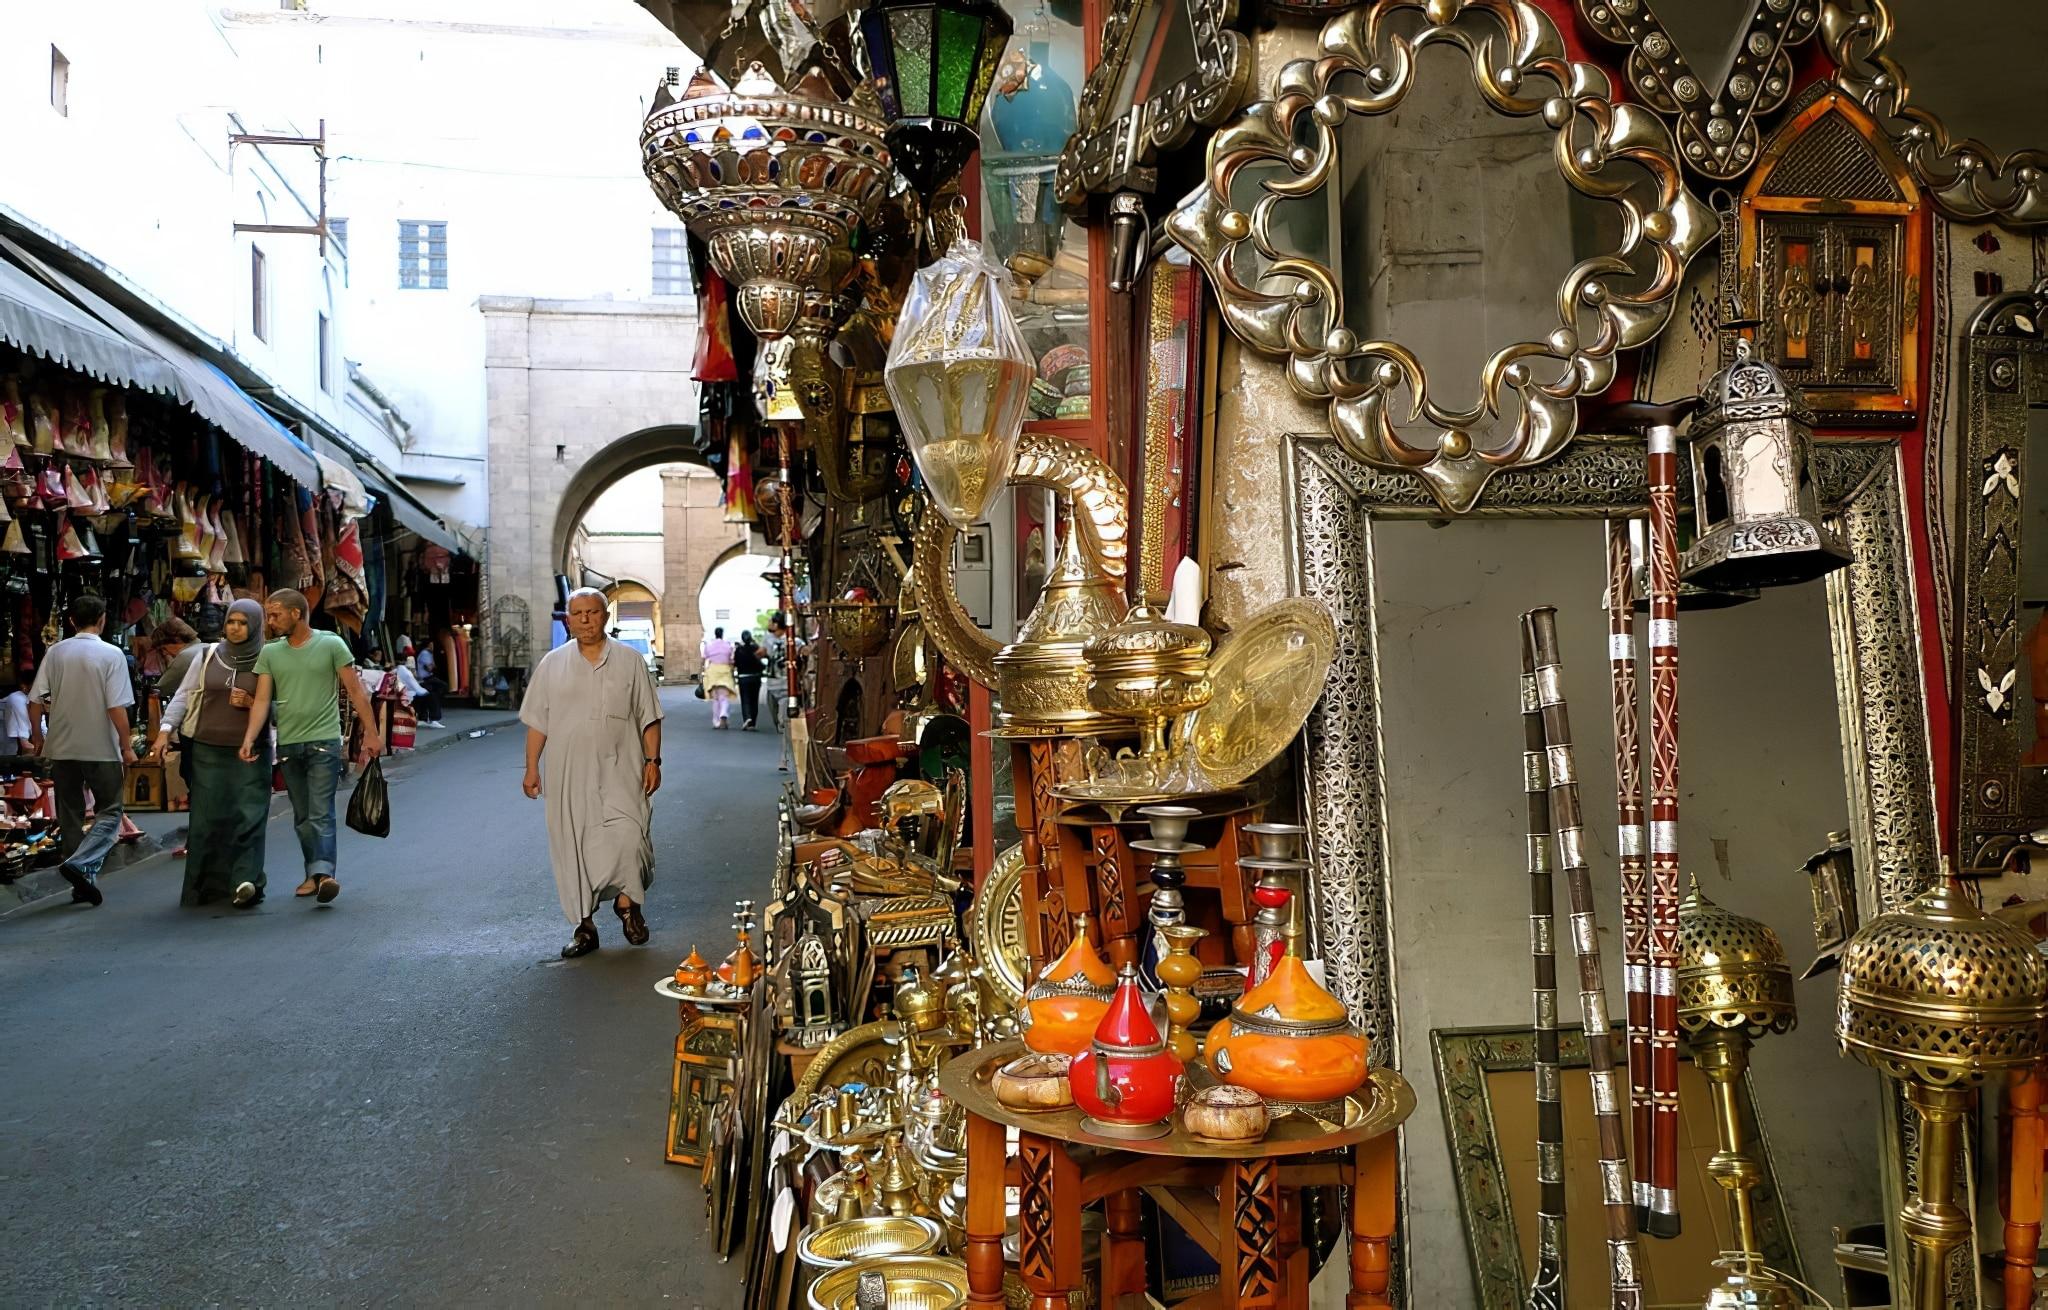 Visiter Casablanca : que faire, que voir ?